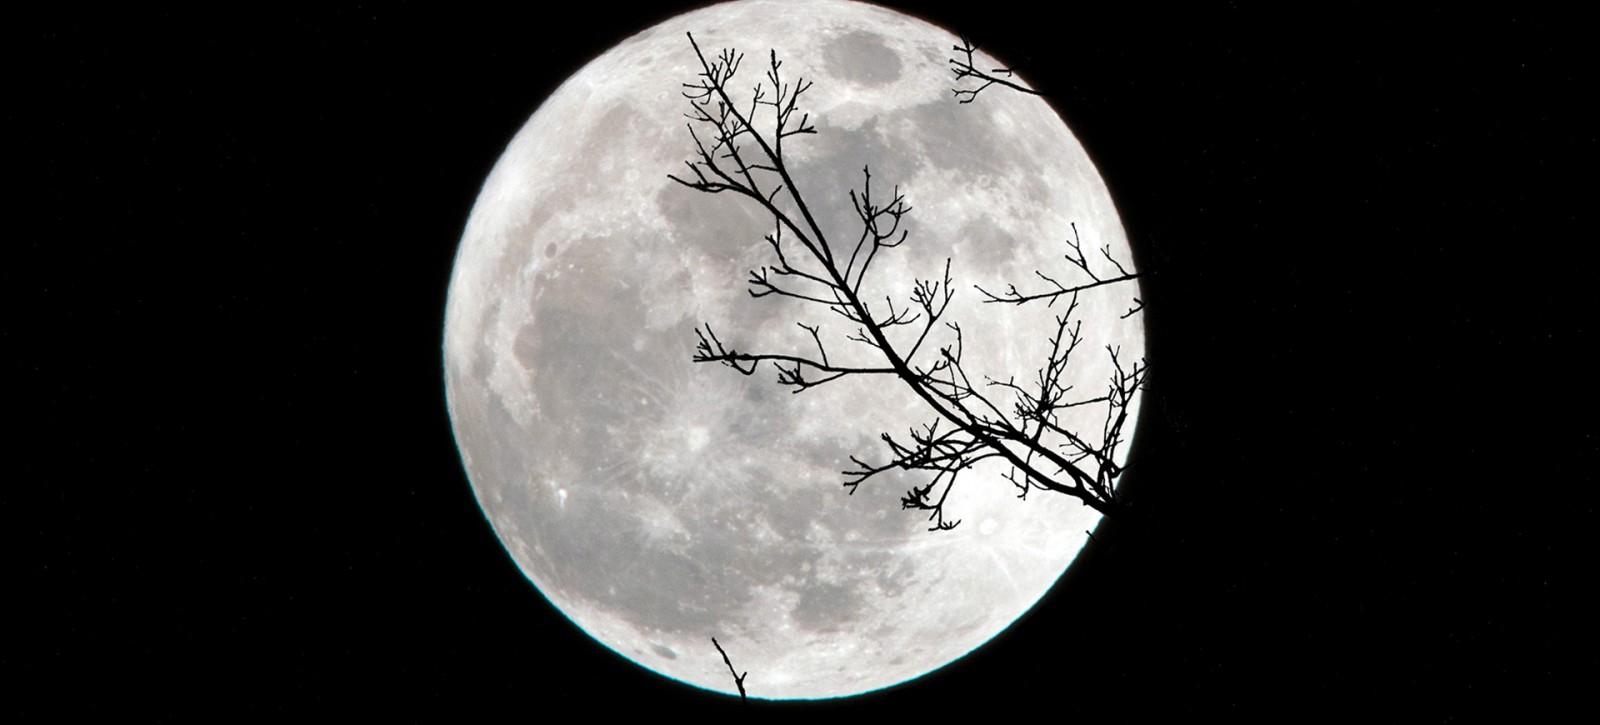 07_UTWORY__William Blake__Wyspa na Księżycu (1)